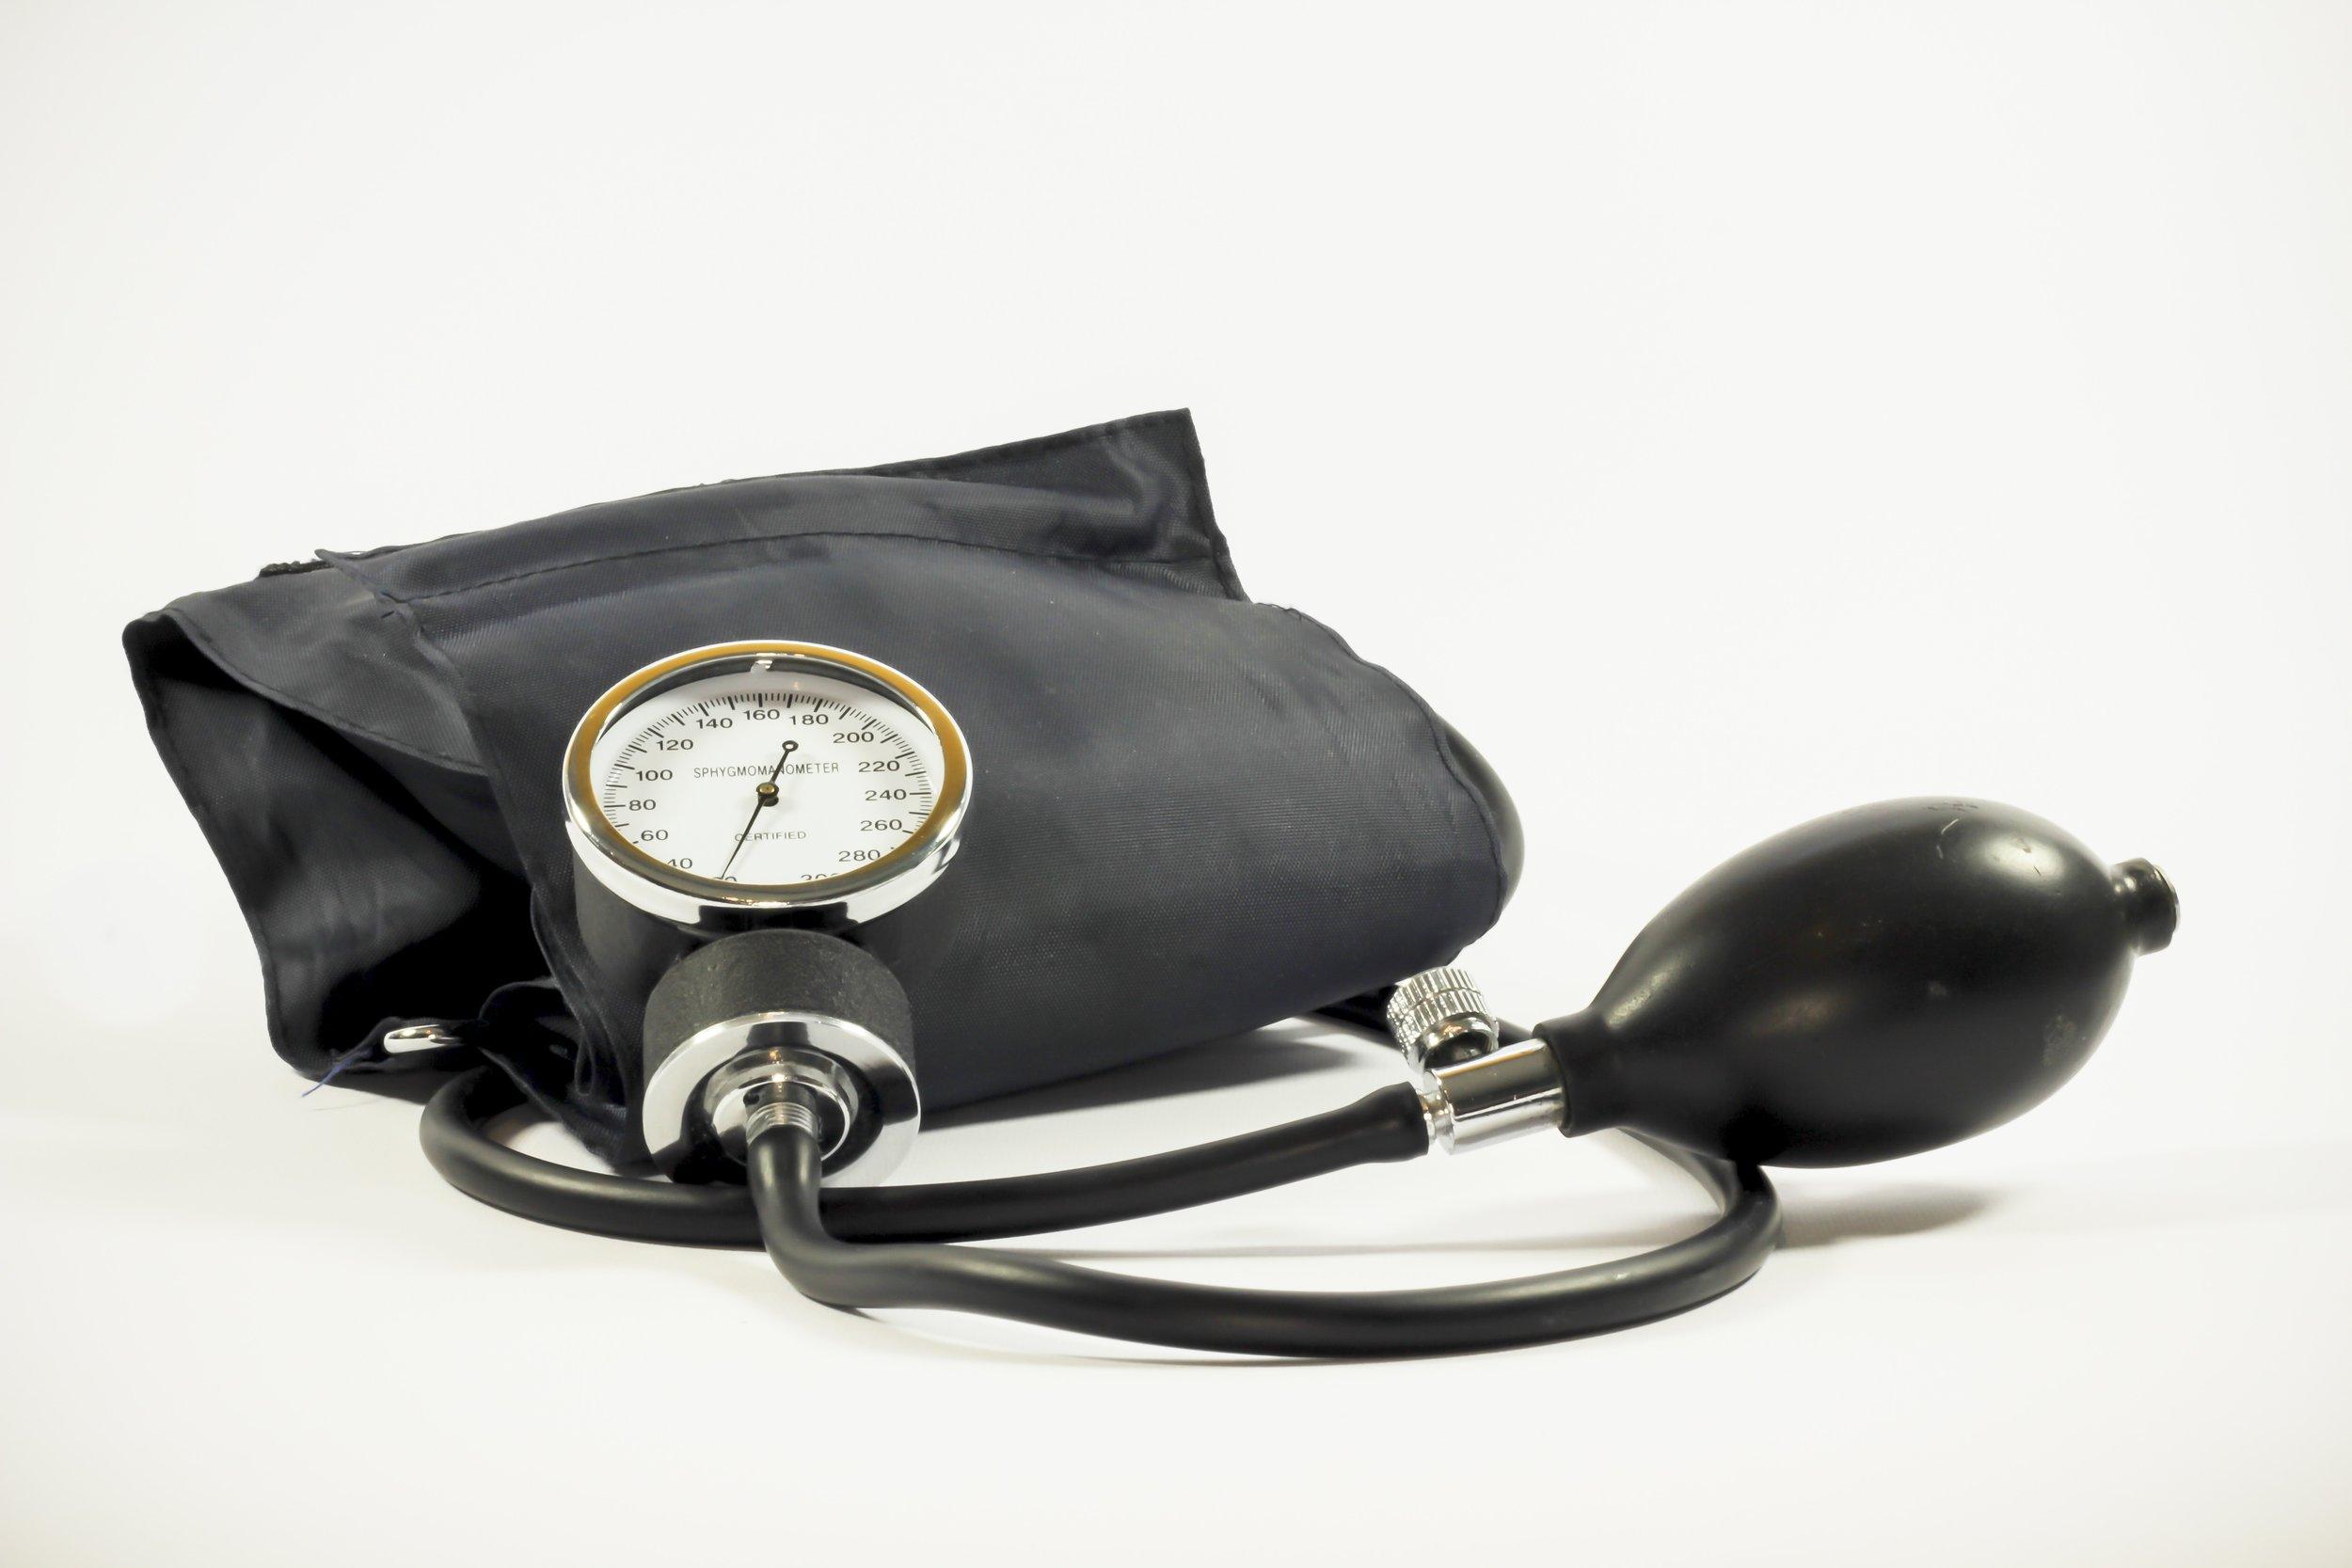 black-blood-pressure-gauge-blood-pressure-meter-33258.jpg